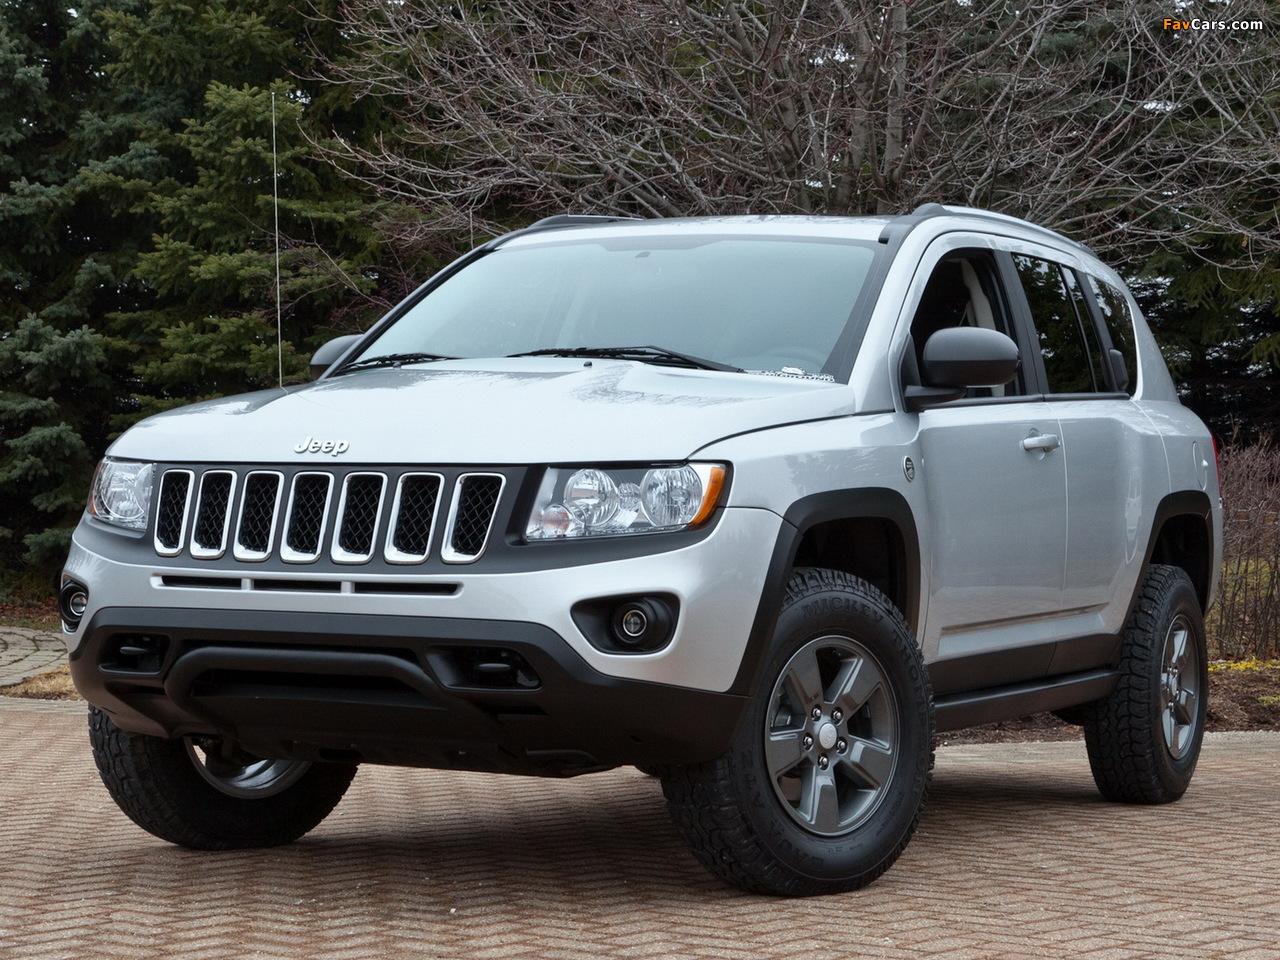 Mopar Jeep Compass Canyon Concept 2011 photos (1280 x 960)